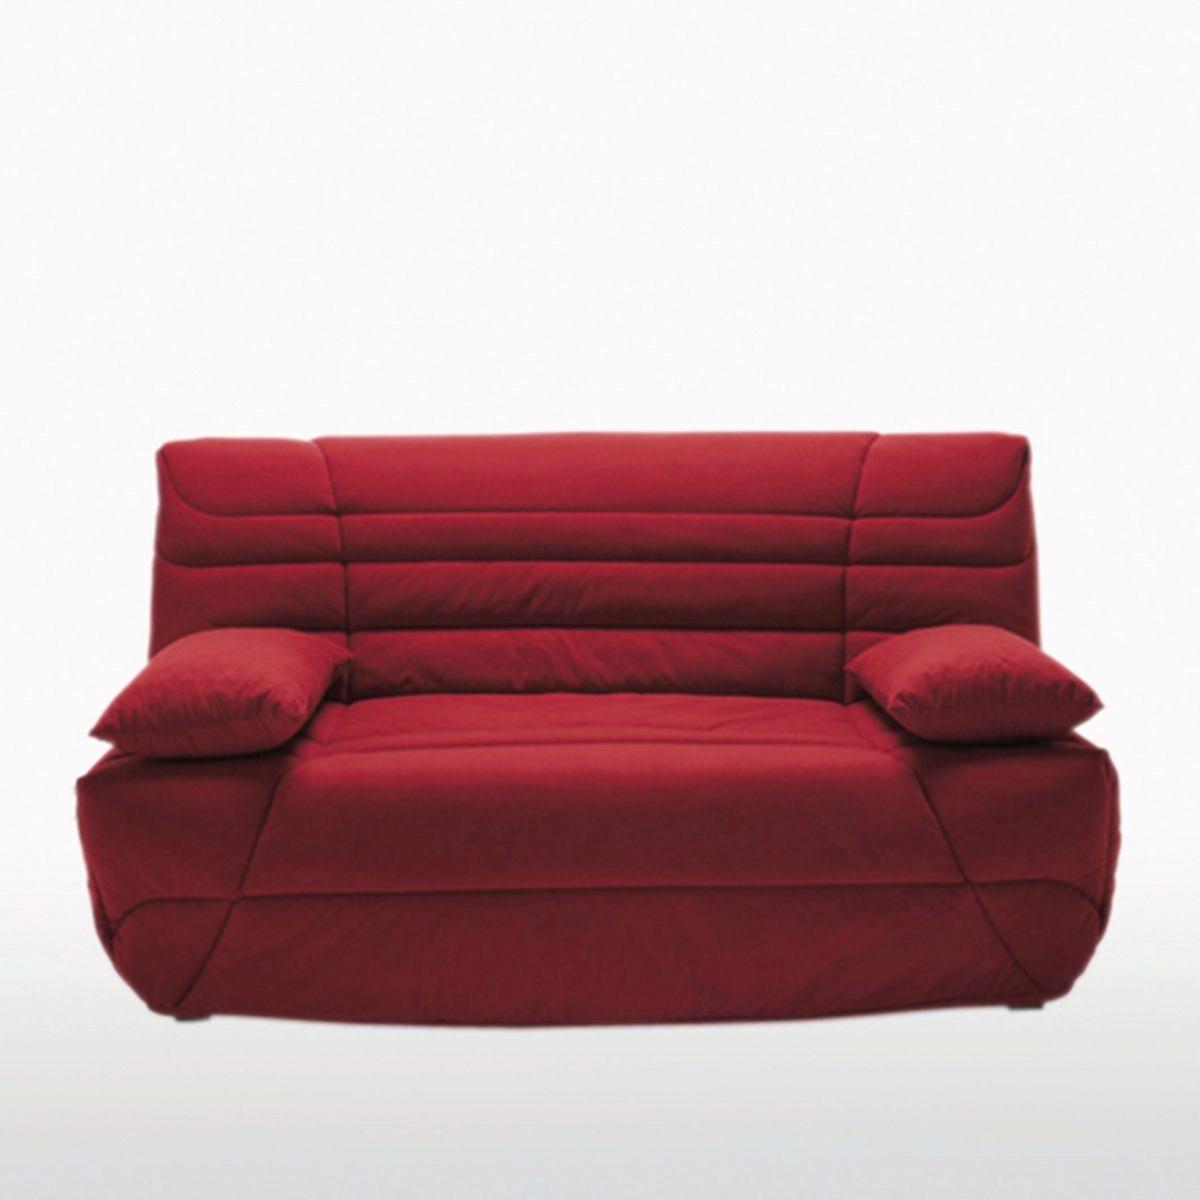 Чехол стеганый для дивана-книжки, толщина 9 смЧехол для дивана-книжки, усовершенствованная модель. - Практичный, позволит сменить декор и продлить срок службы вашего дивана-книжки! Сделано в Европе.Размеры :3 варианта ширины :- Ширина 90 см, толщина 9 см- Ширина 140 см, толщина 9 см- Ширина 160 см, толщина 9 смОписание :- Практичный, позволит сменить декор и продлить срок службы вашего дивана-книжки!- Стеганый чехол с наполнителем из полиэстера, плотность. 250 г/м3Застежка на молнию- Поставляется в комплекте с 2 чехлами на подушку-валик (кроме модели 90 см)Обивка :- Однотонная расцветка : 100% хлопок, пропитка от пятен (250 г/м?)- Расцветка с рисунком : 50% хлопка, 50% полиэстера- Меланжевая расцветка : 100% полиэстер- Предоставляем бесплатные образцы материала : Введите примеры дивана-книжки в поисковой системе на сайте laredoute.ru.Другие модели коллекции дивана-книжки вы можете найти на сайте laredoute.ru<br><br>Цвет: антрацит,бежевый песочный,горчичный,красный,светло-серый,серо-каштановый меланж,серо-коричневый каштан,сине-зеленый,синий морской,темно-серый меланж,шоколадно-каштановый<br>Размер: 160 x 200  см.90 x 190  см.140 x 190  см.160 x 200  см.90 x 190  см.140 x 190  см.140 x 190  см